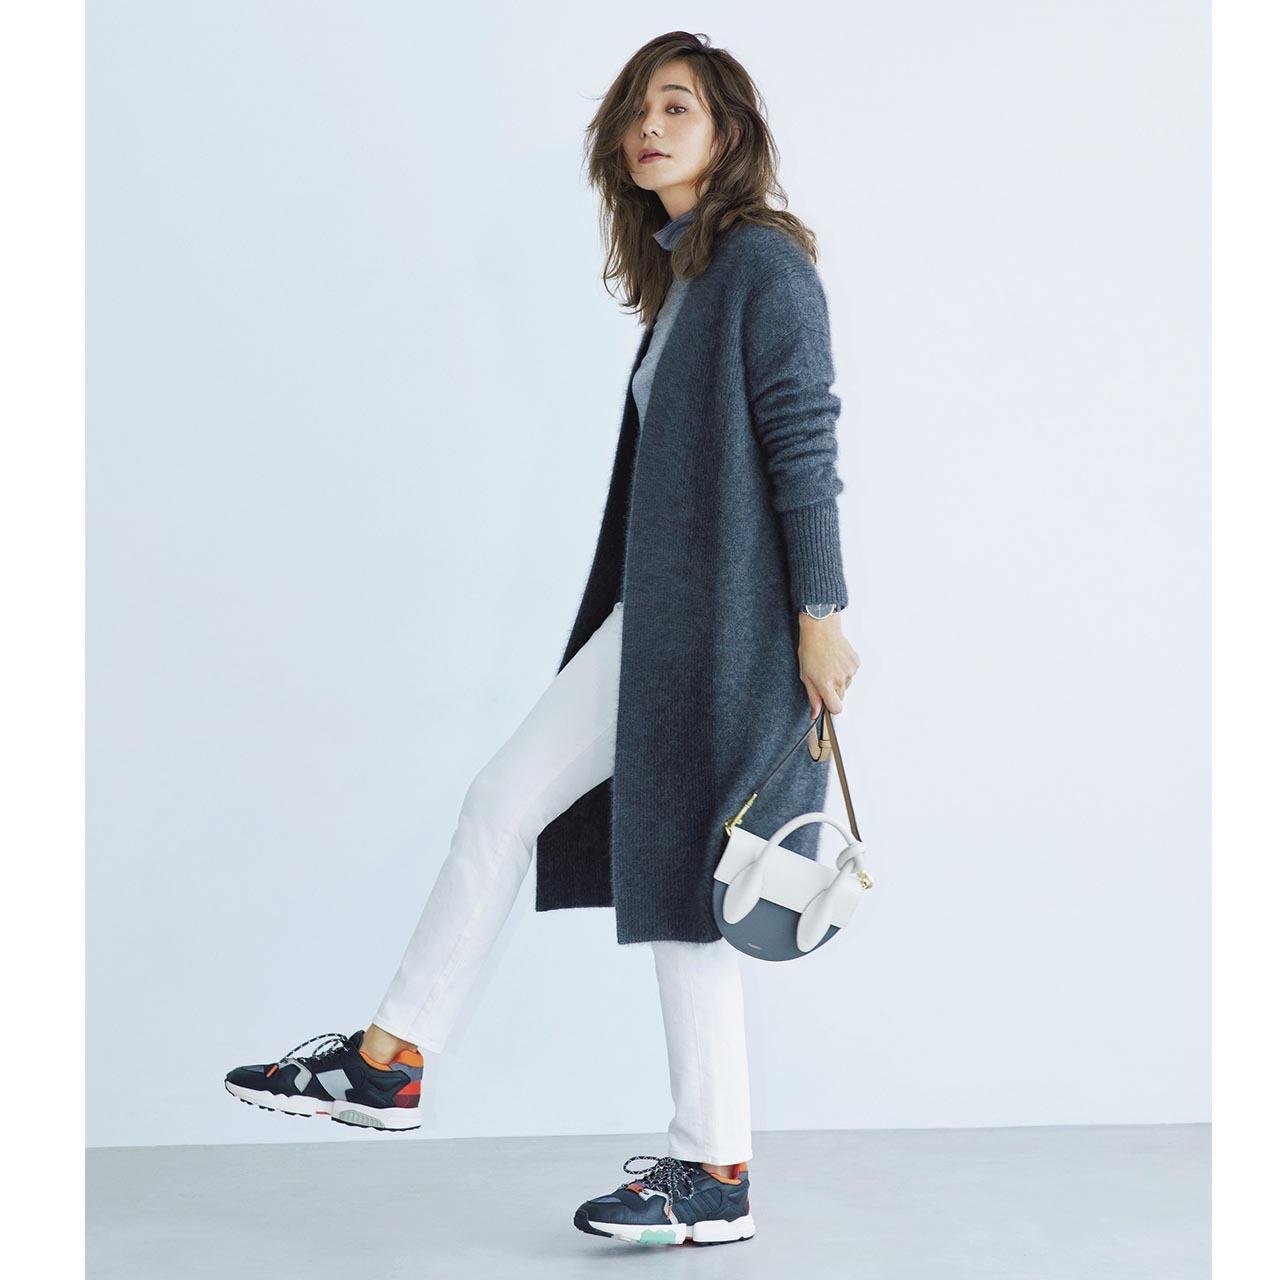 カーディガン×パンツ×アディダスのスニーカーコーデを着たモデルの竹下玲奈さん